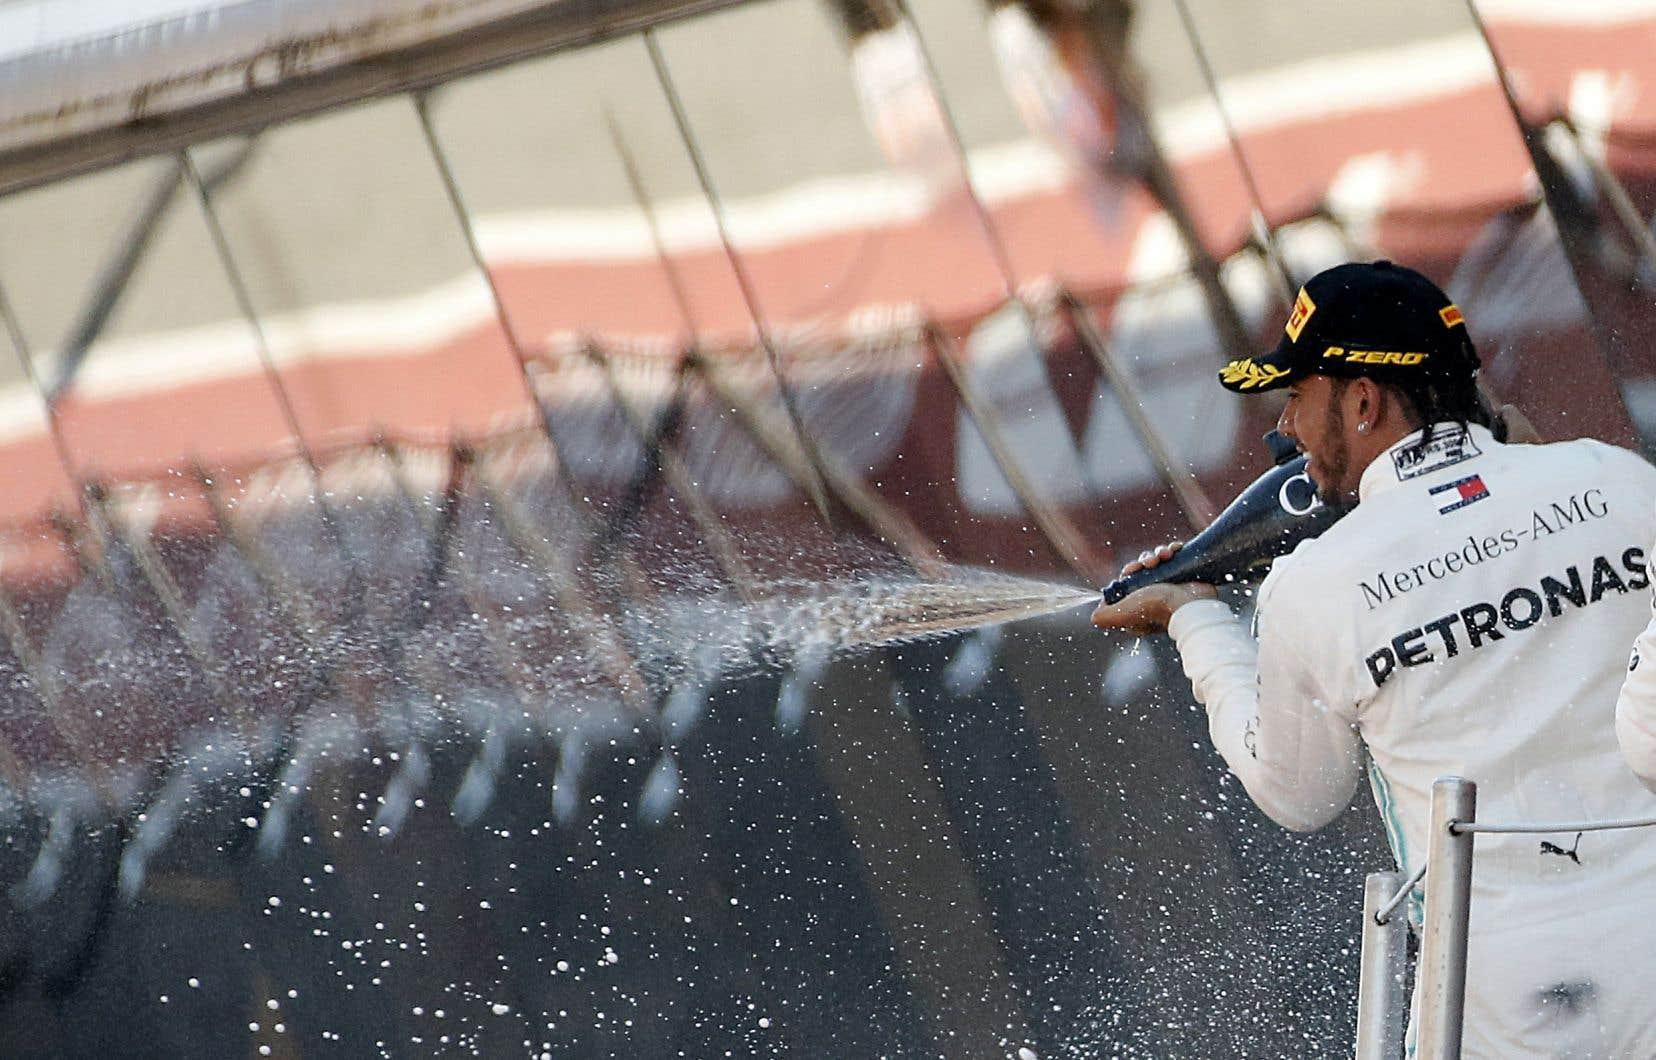 Lewis Hamilton a franchi le fil d'arrivée avec 4,074 secondes d'avance sur Valtteri Bottas. Le podium a été complété par le pilote Red Bull Max Verstappen.